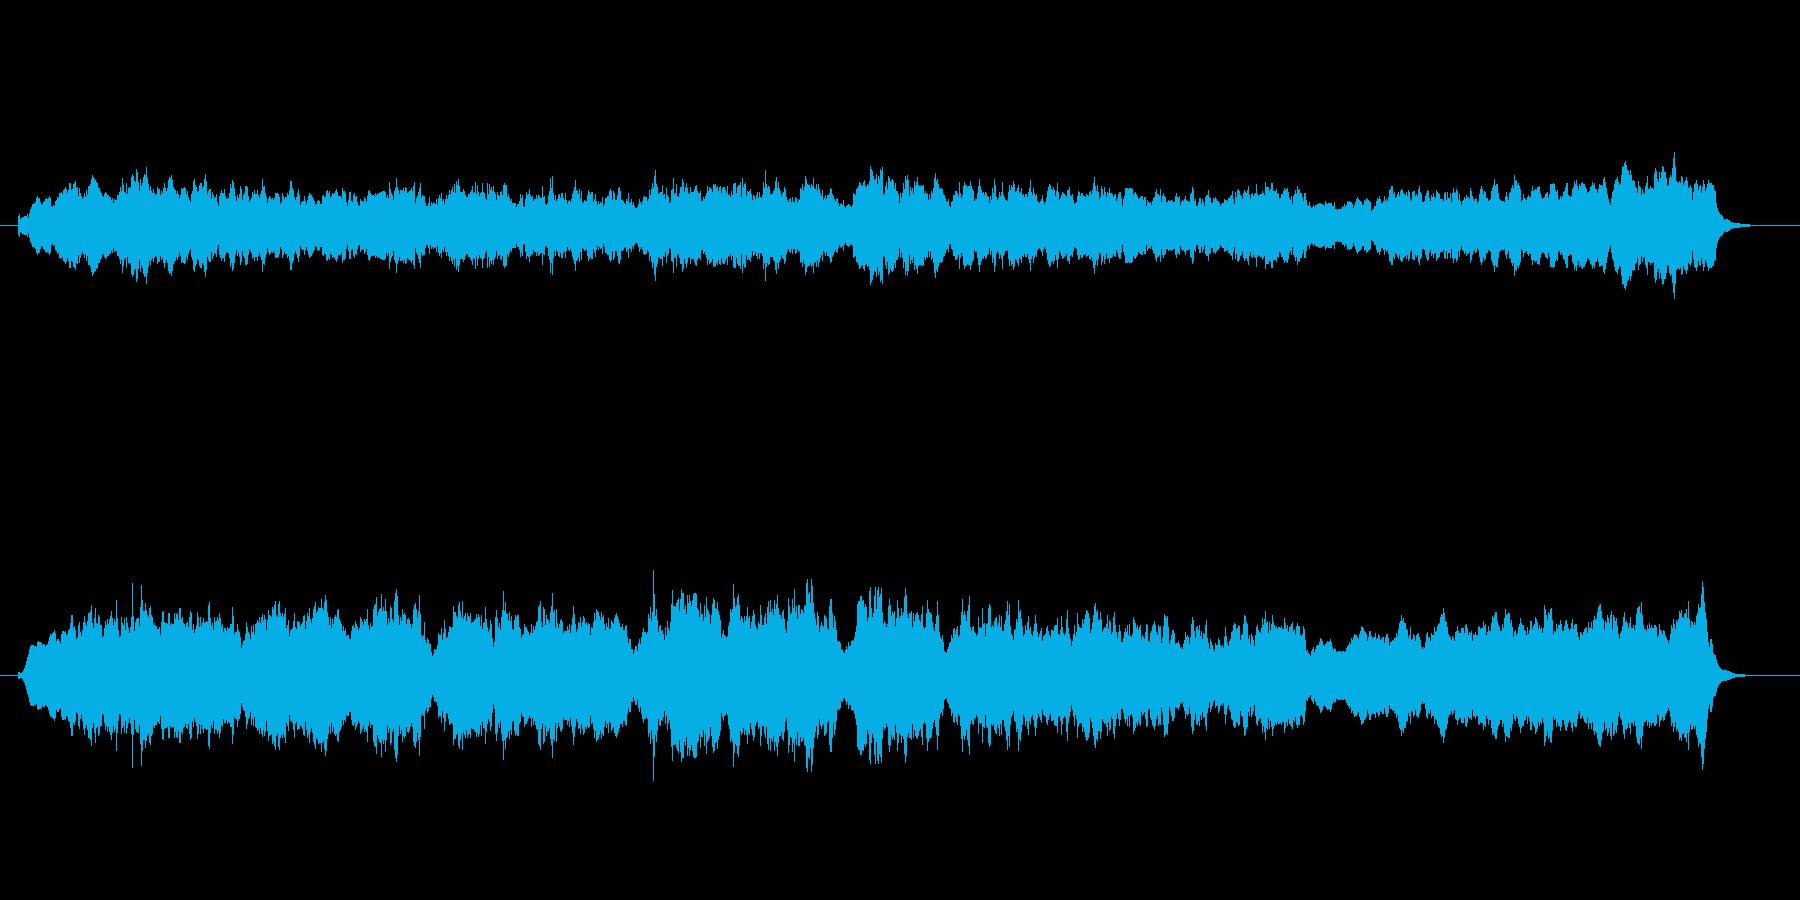 雄大な環境音楽風の再生済みの波形